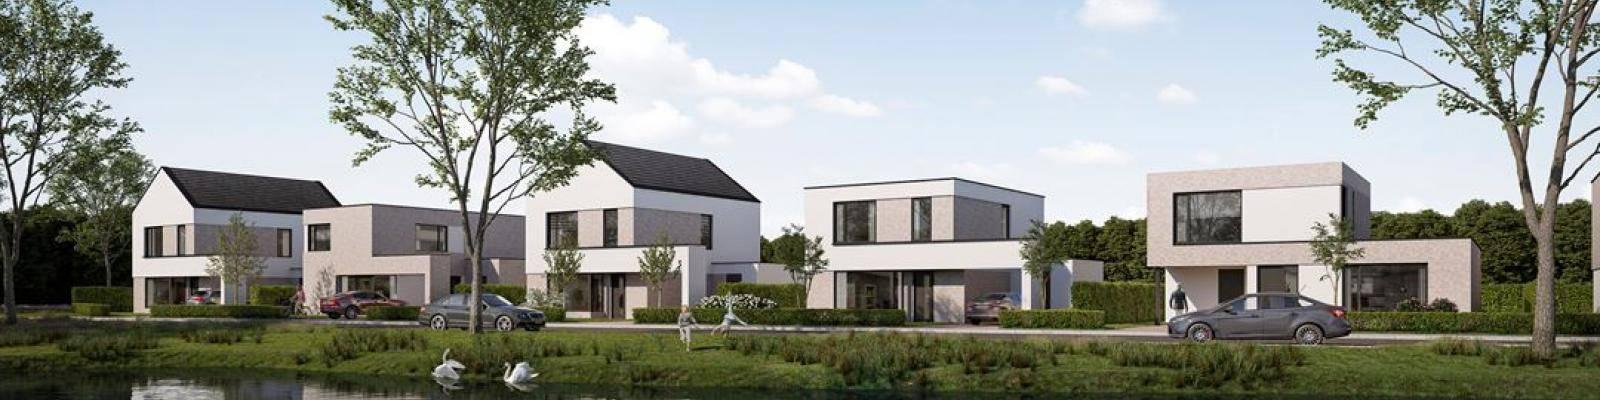 Nieuwbouwproject Overijssel 2021